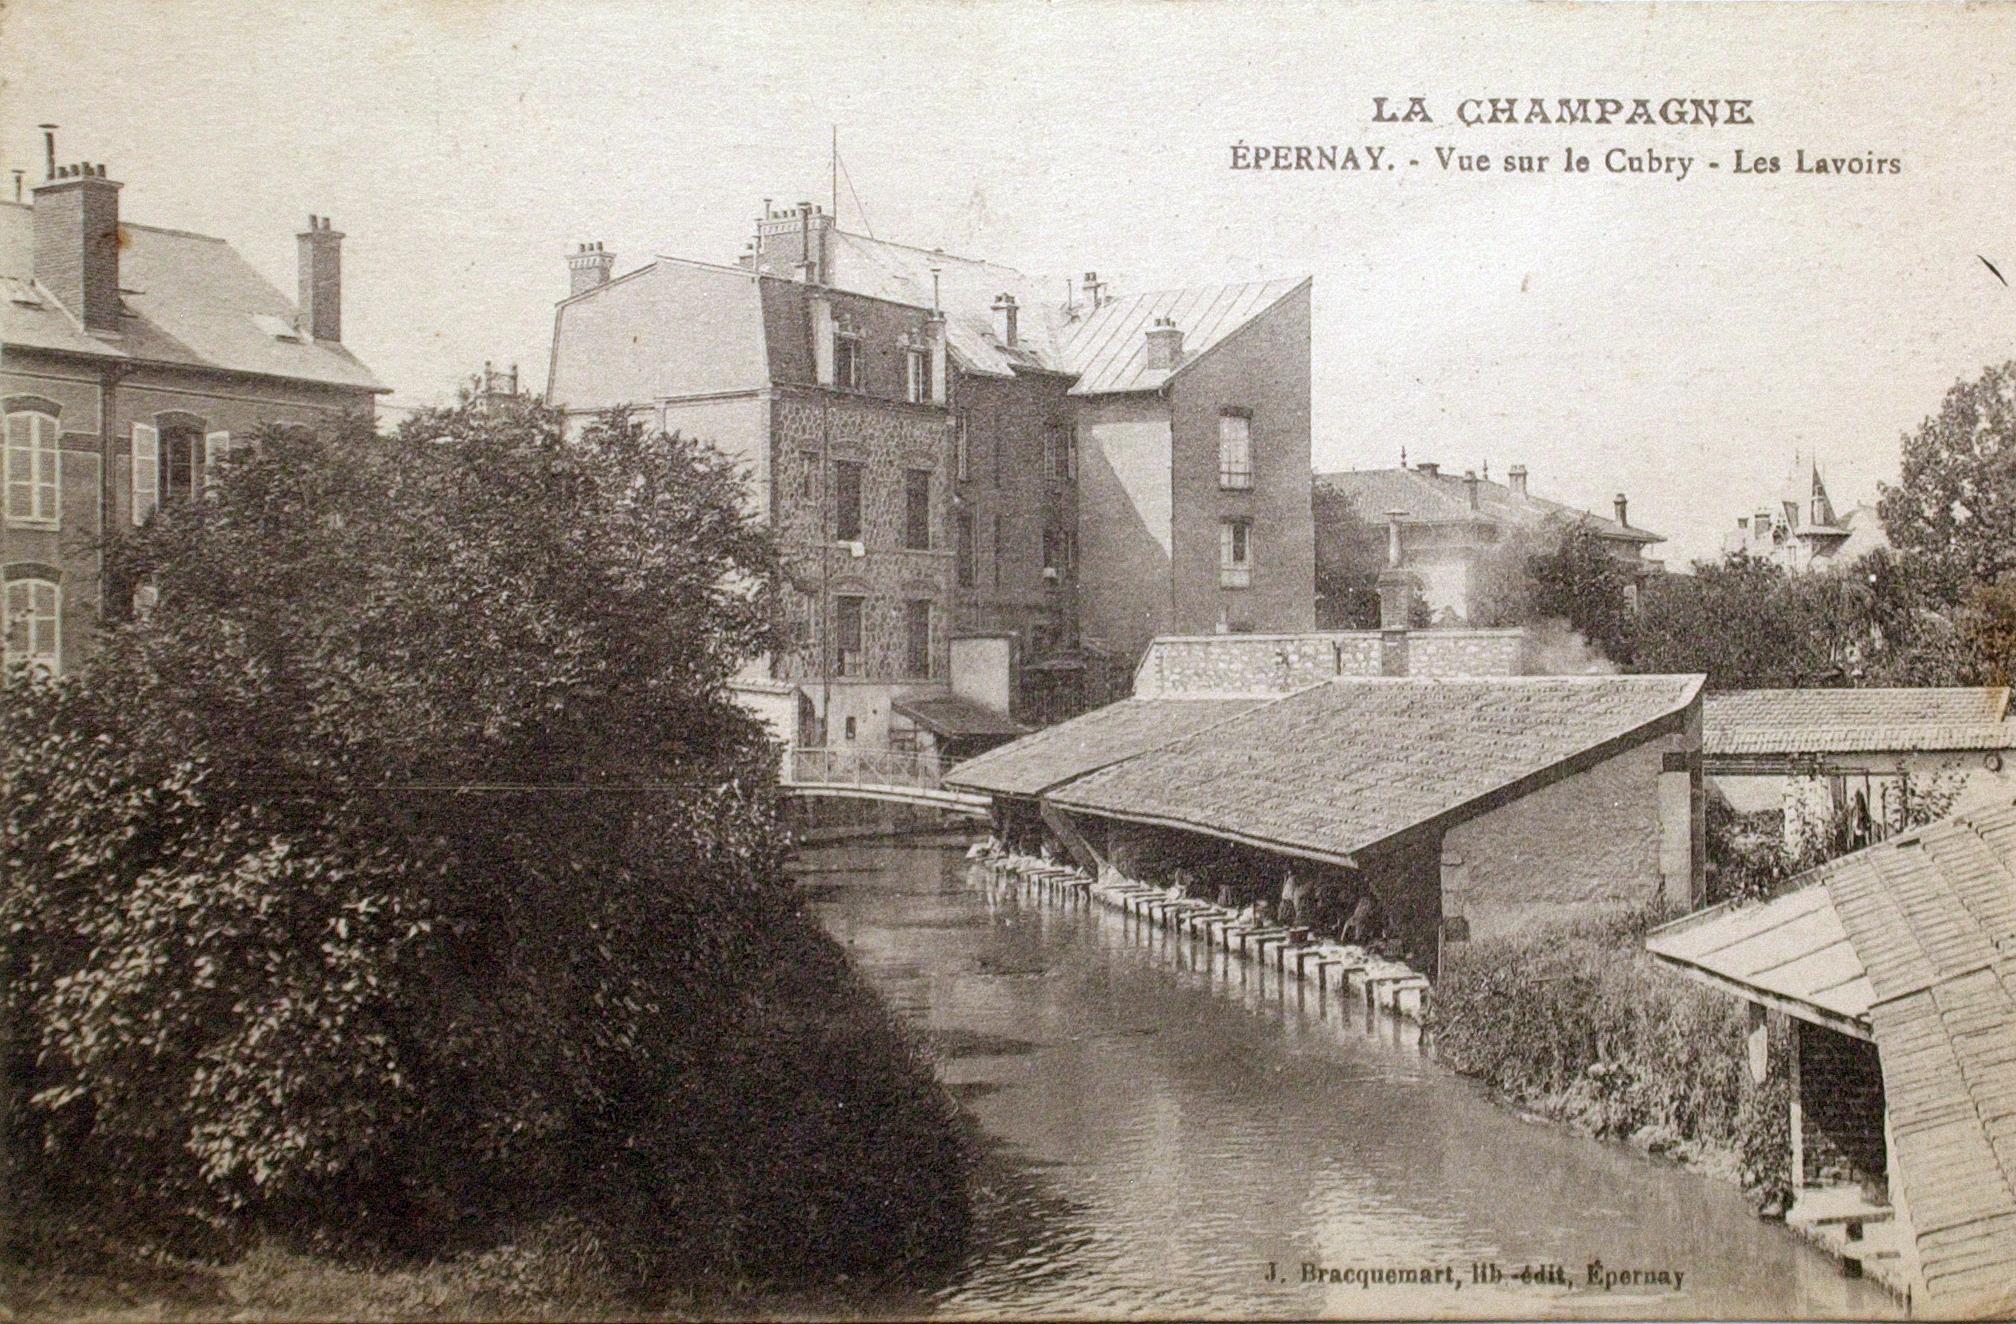 Les lavoirs sur le Cubry à Epernay